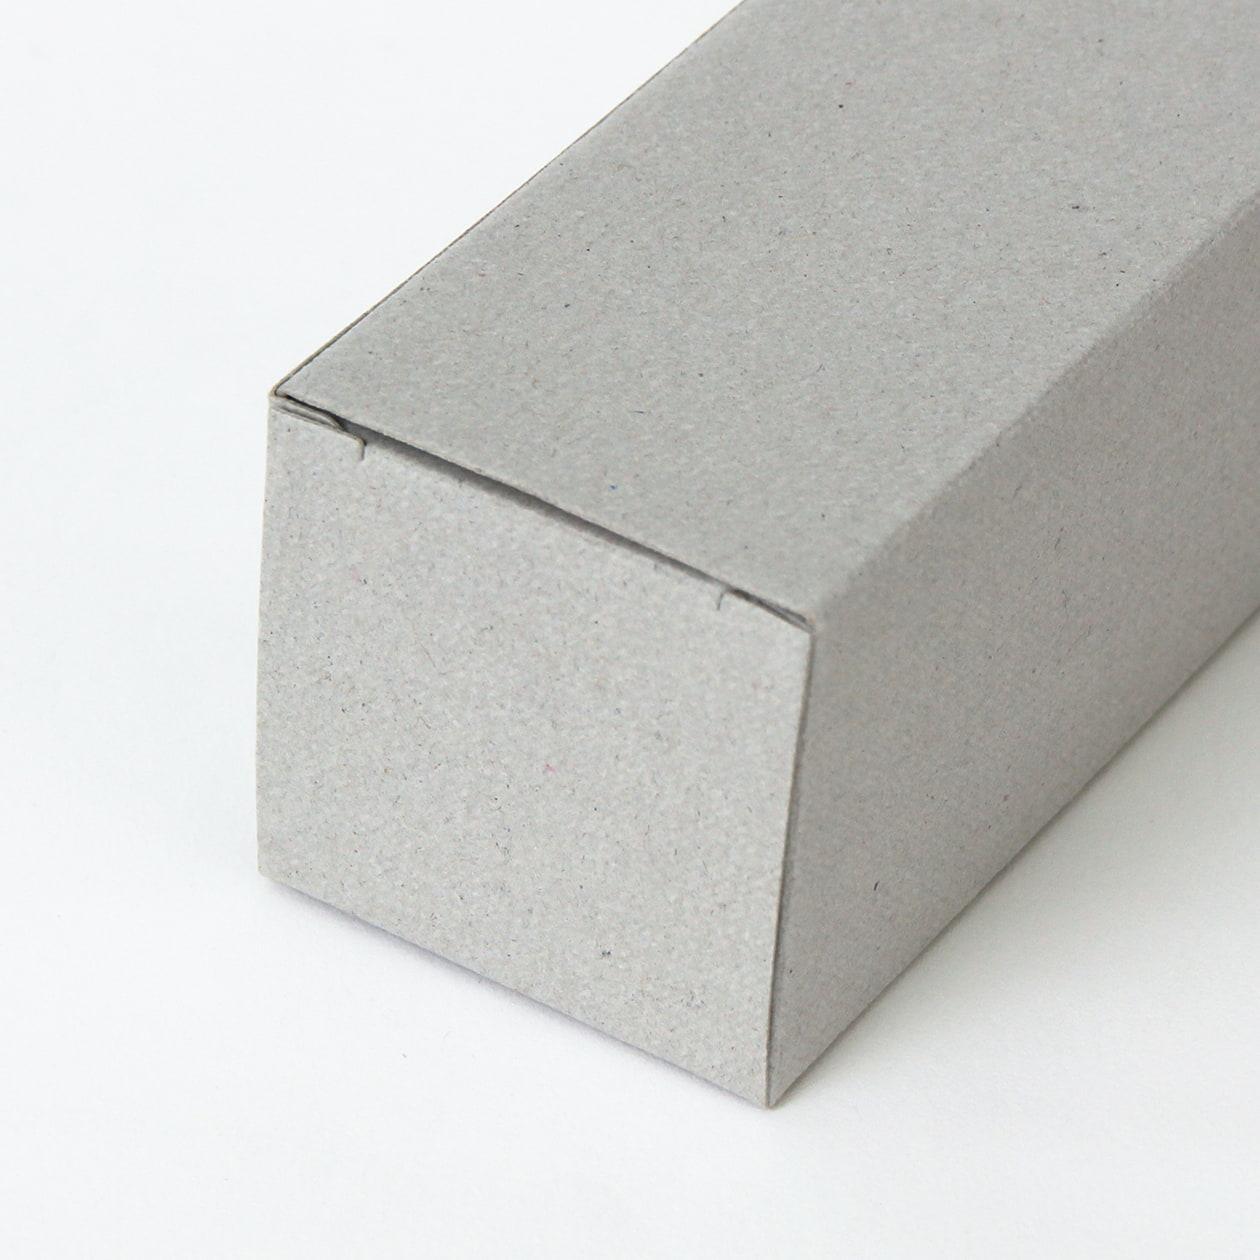 キャラメル箱40×40×130 ボード紙 グレー 270g